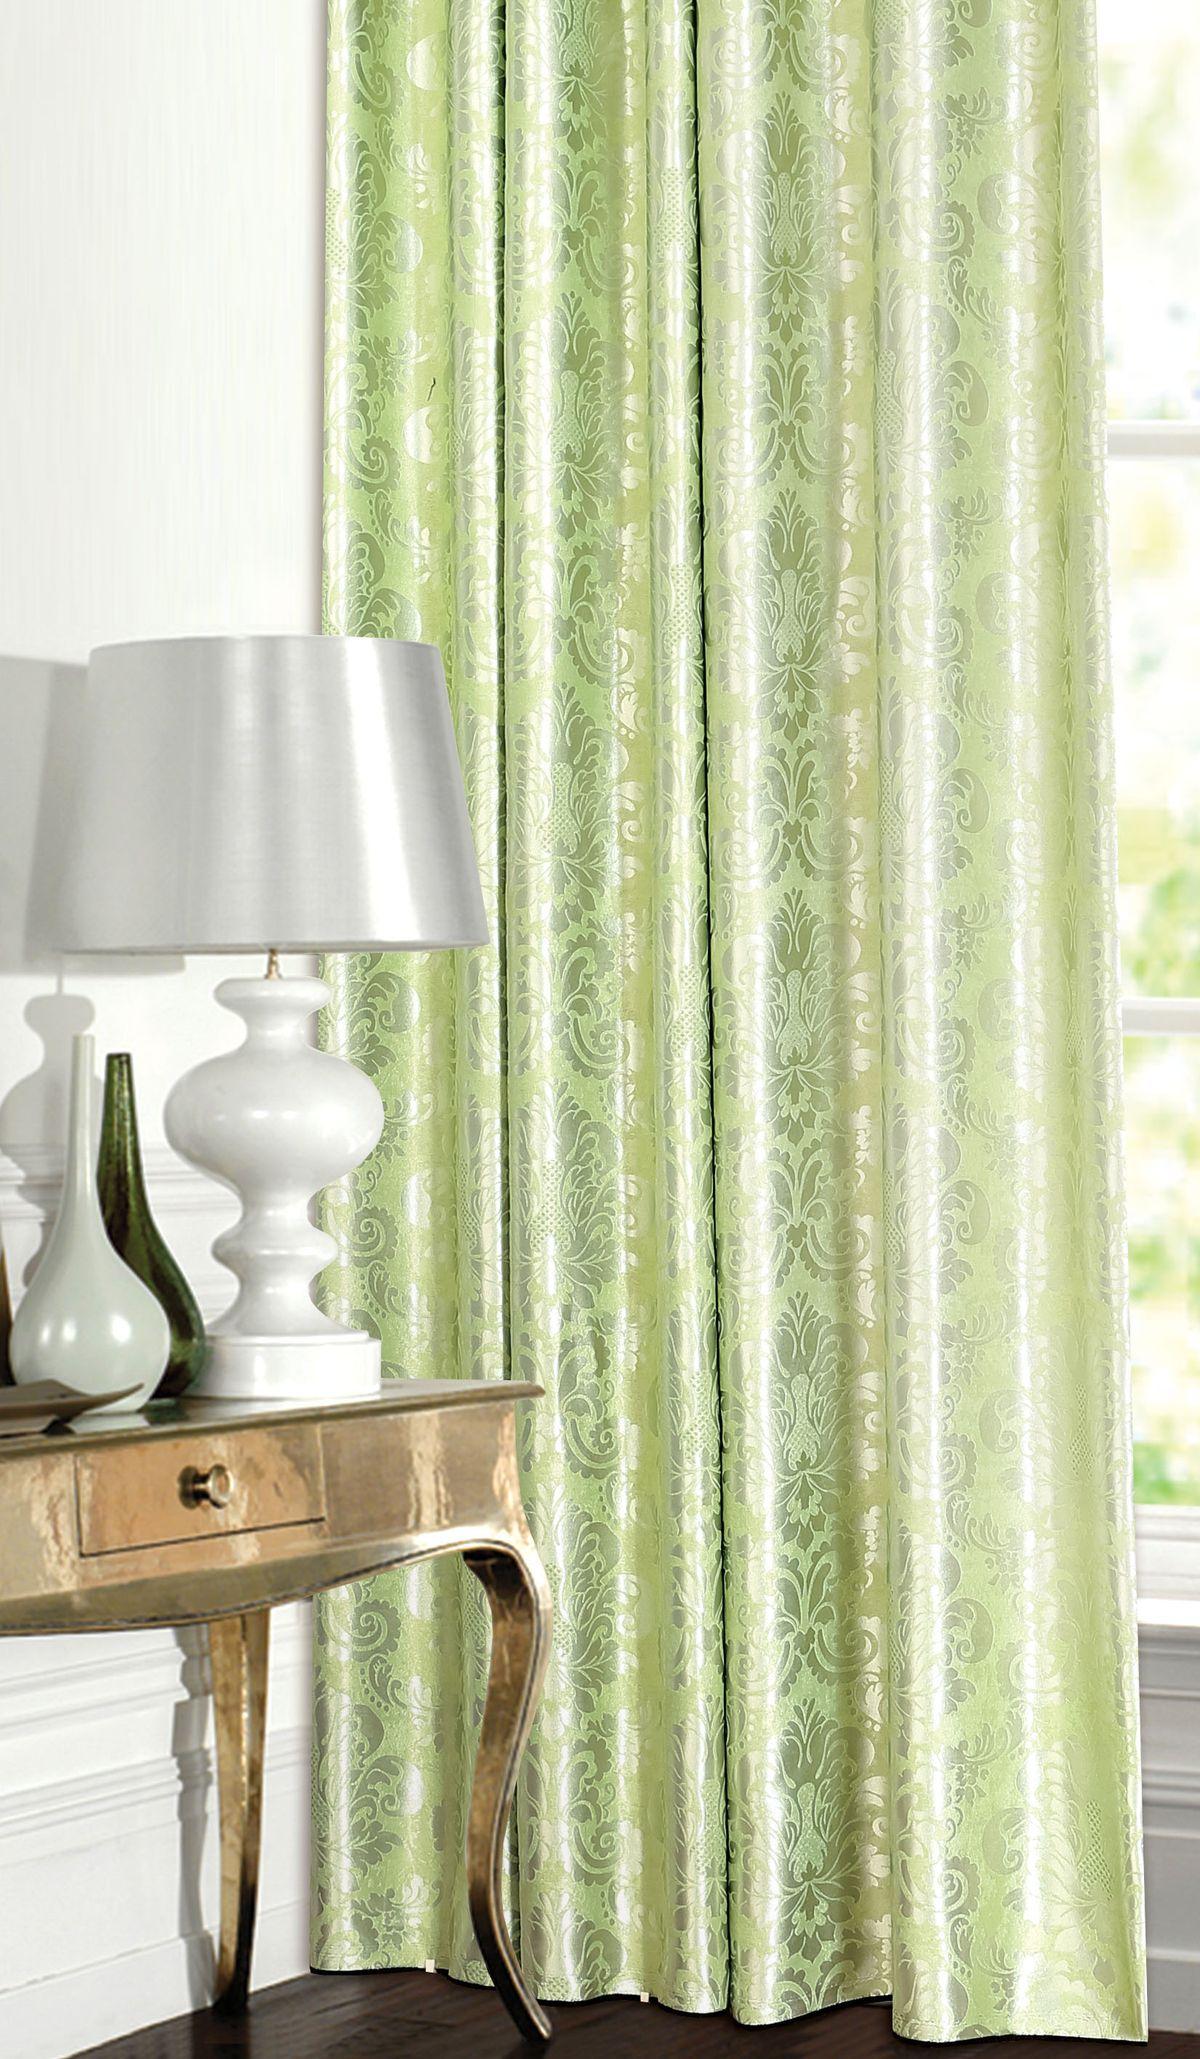 Штора Garden, на ленте, цвет: зеленый, высота 260 см. С 537392 V7С 537392 V7Изящная штора для гостиной Garden выполнена из ткани с оригинальной структурой. Приятная текстура и цвет штор привлекут к себе внимание и органично впишутся в интерьер помещения. Штора крепится на карниз при помощи ленты, которая поможет красиво и равномерно задрапировать верх.